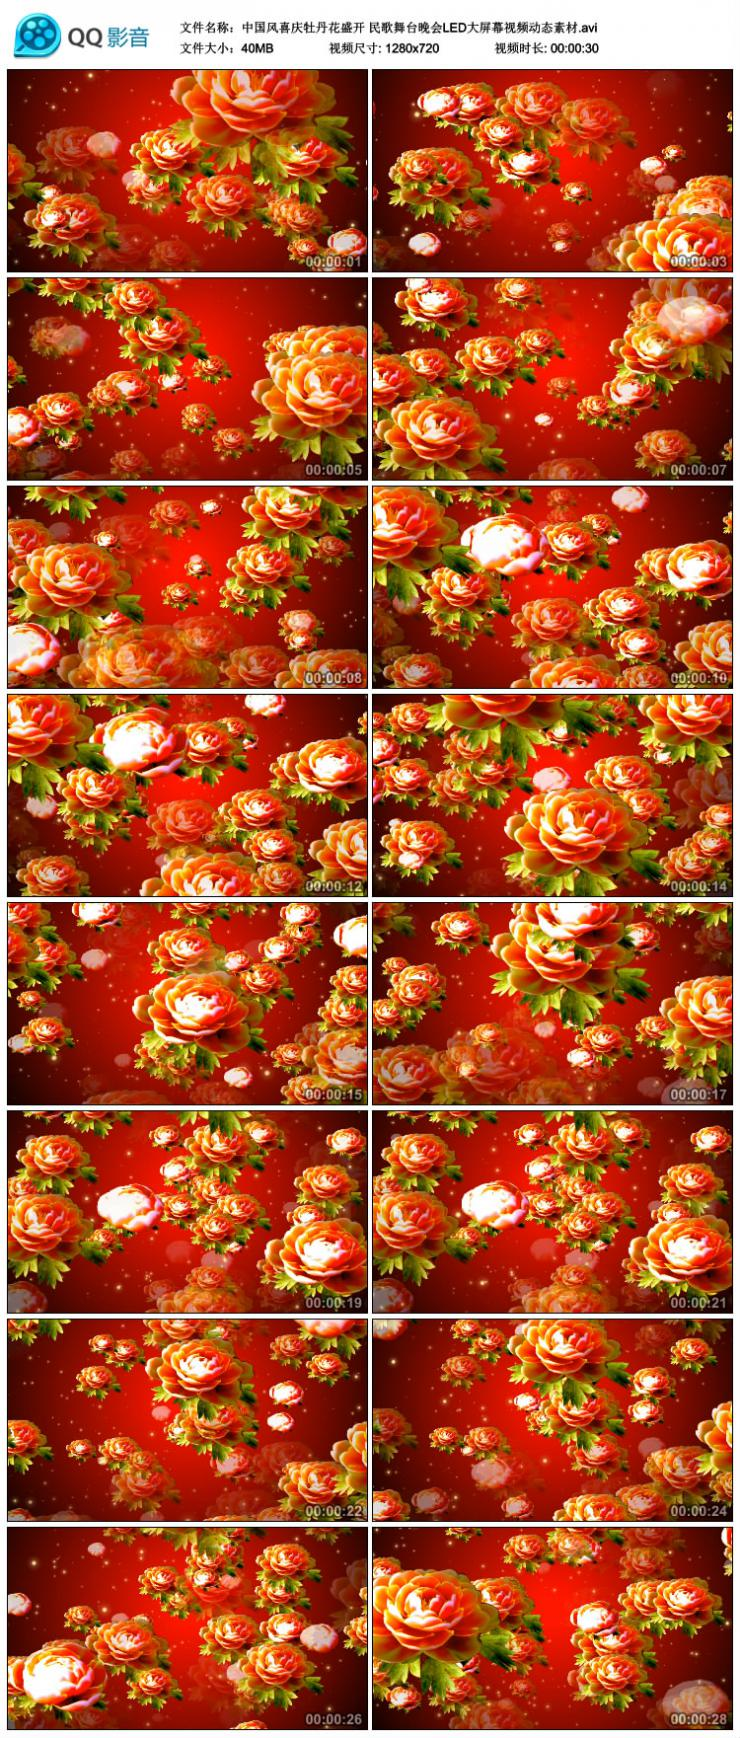 中国风喜庆牡丹花盛开民歌舞台晚会LED大屏幕视频动态素材